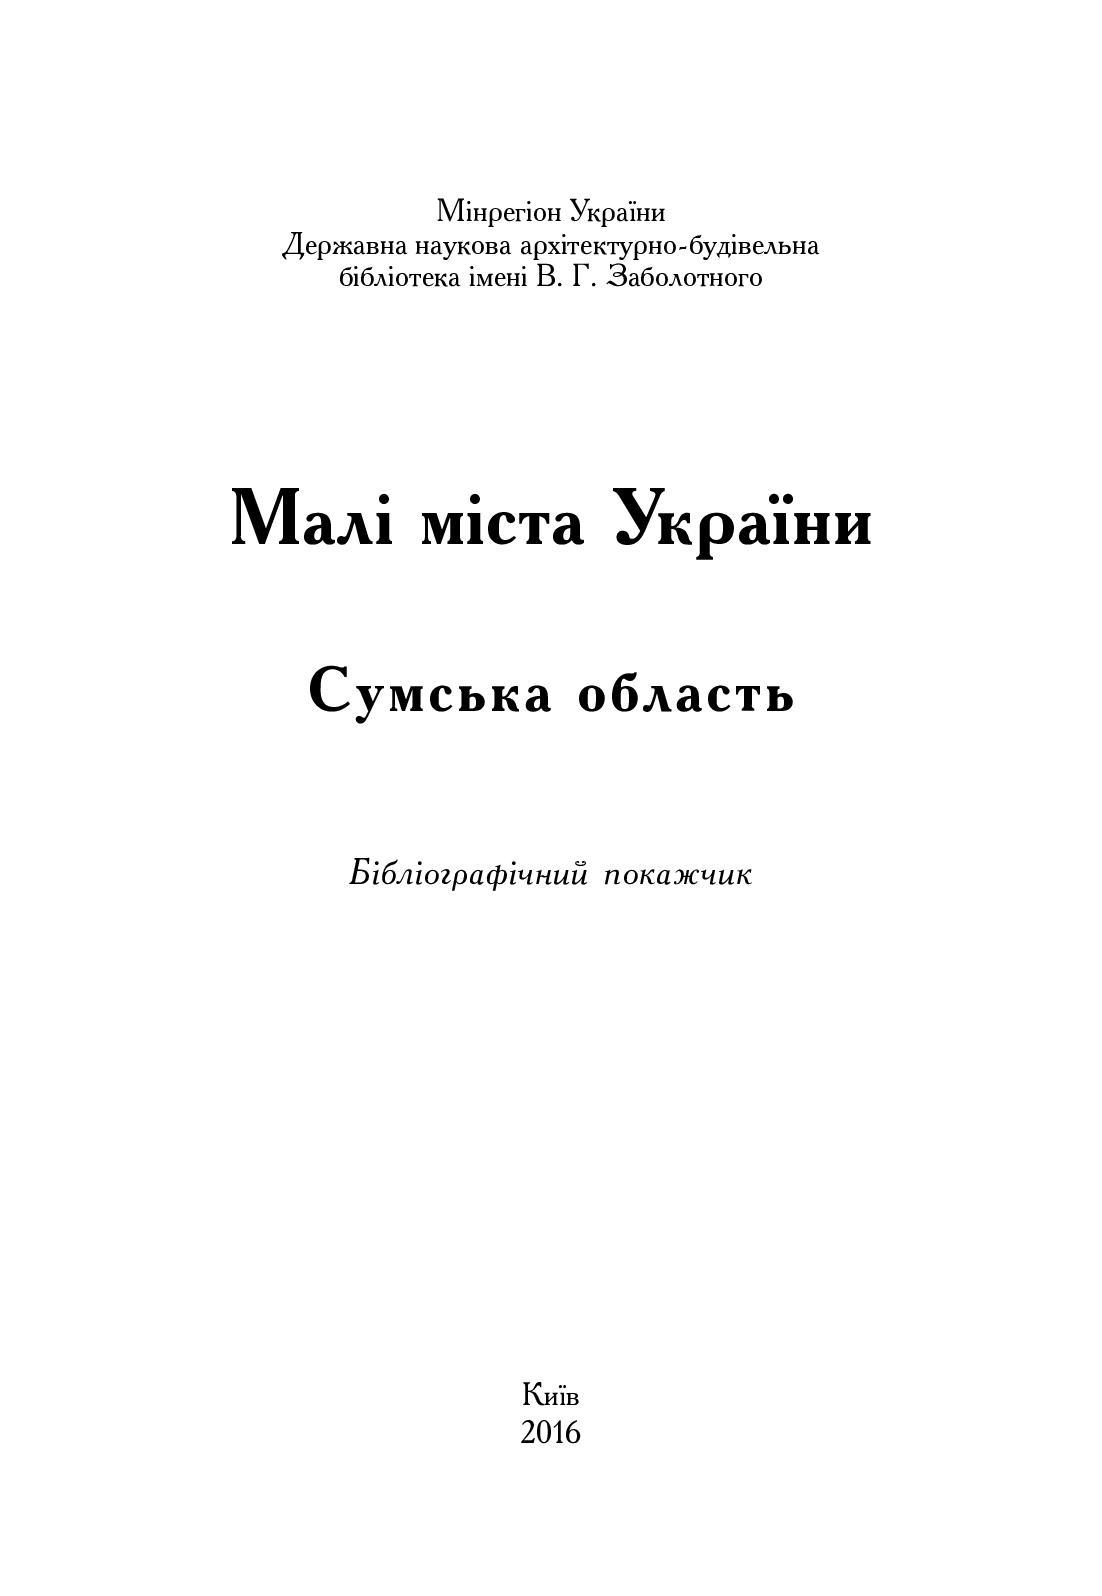 Сумська область 25 02 2017